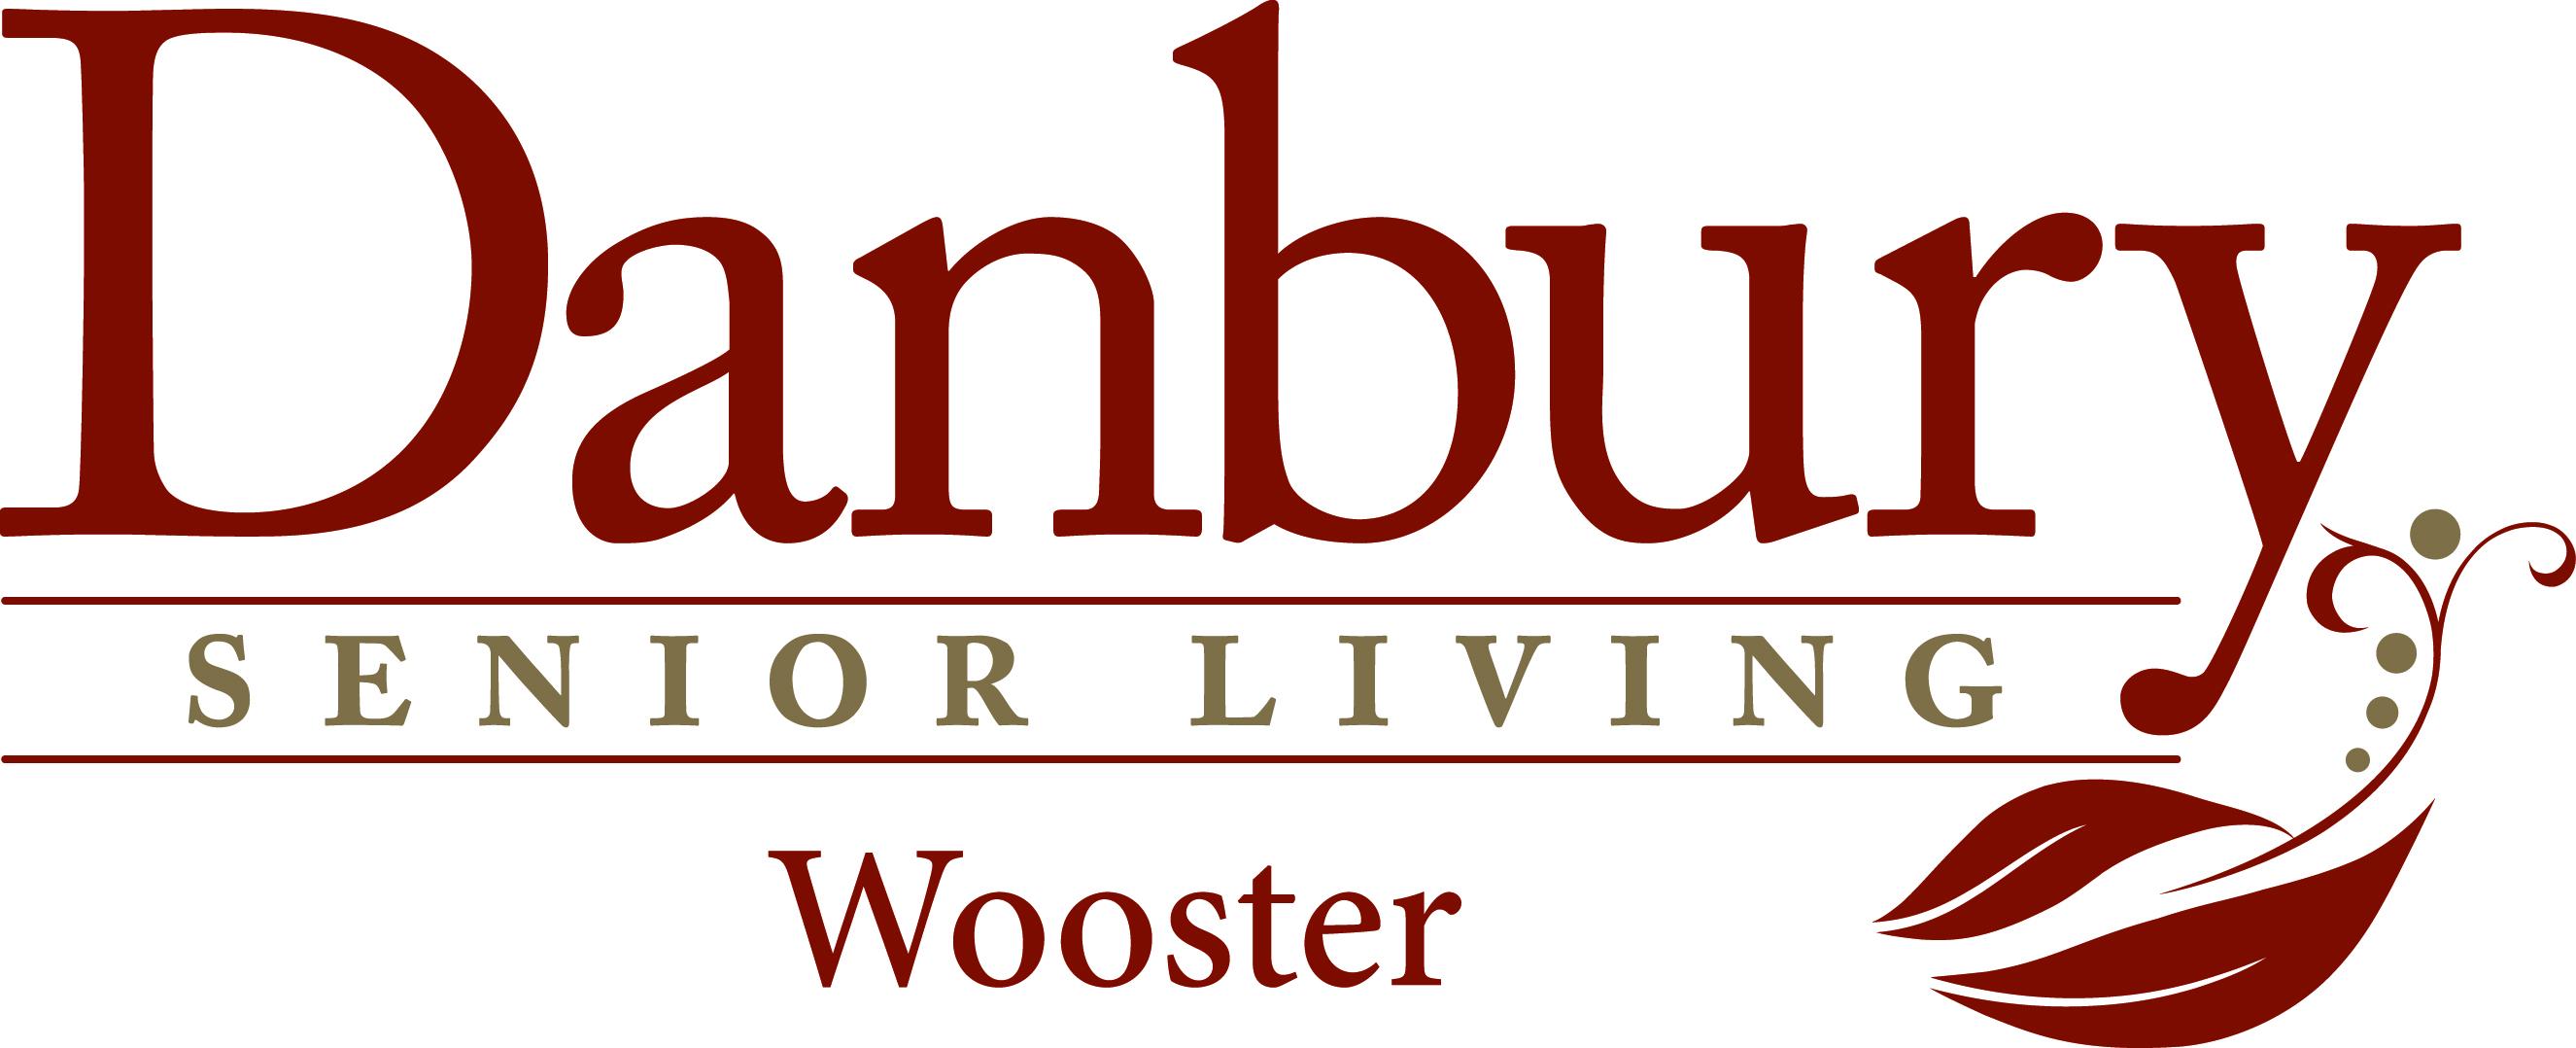 logo for Danbury Senior Living - Wooster